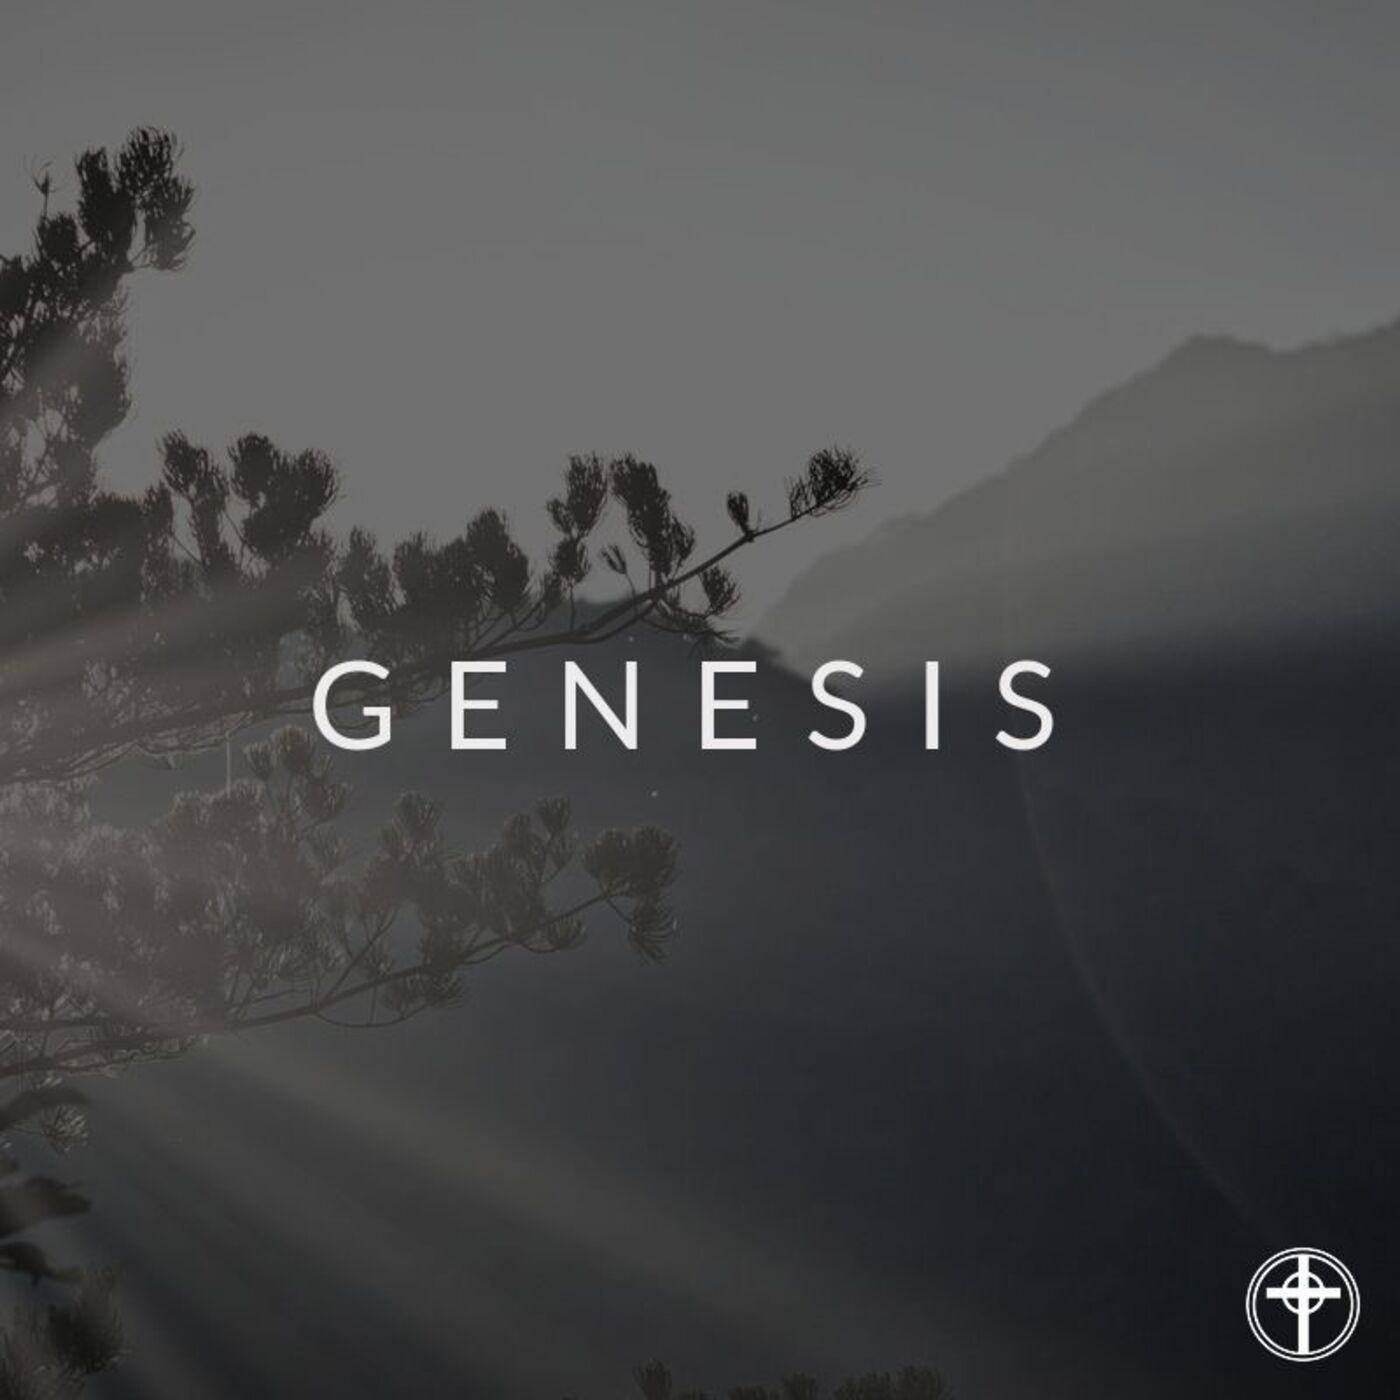 Genesis - The Prestige - Genesis 45:1-15